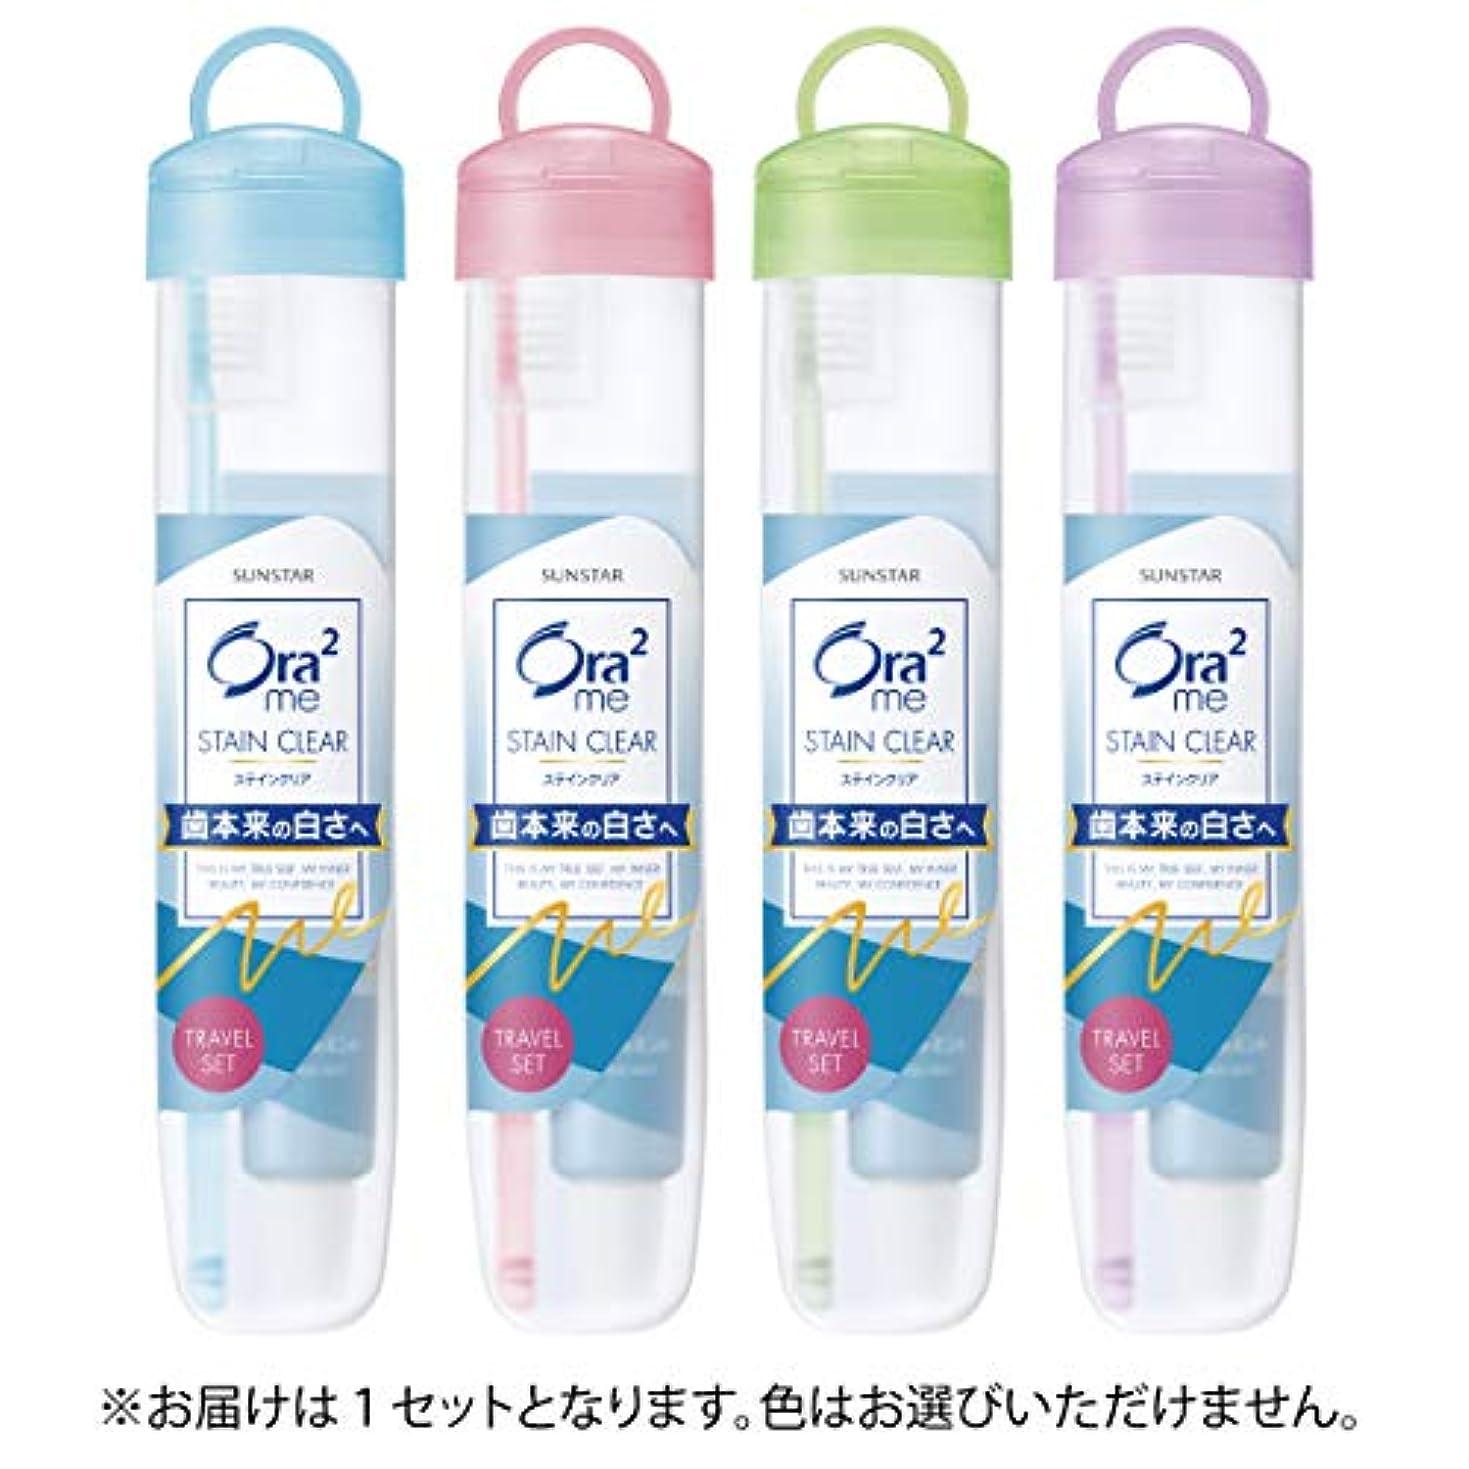 謙虚な不健全特許Ora2(オーラツー) ミー トラベルセット (ソフトケースタイプ)